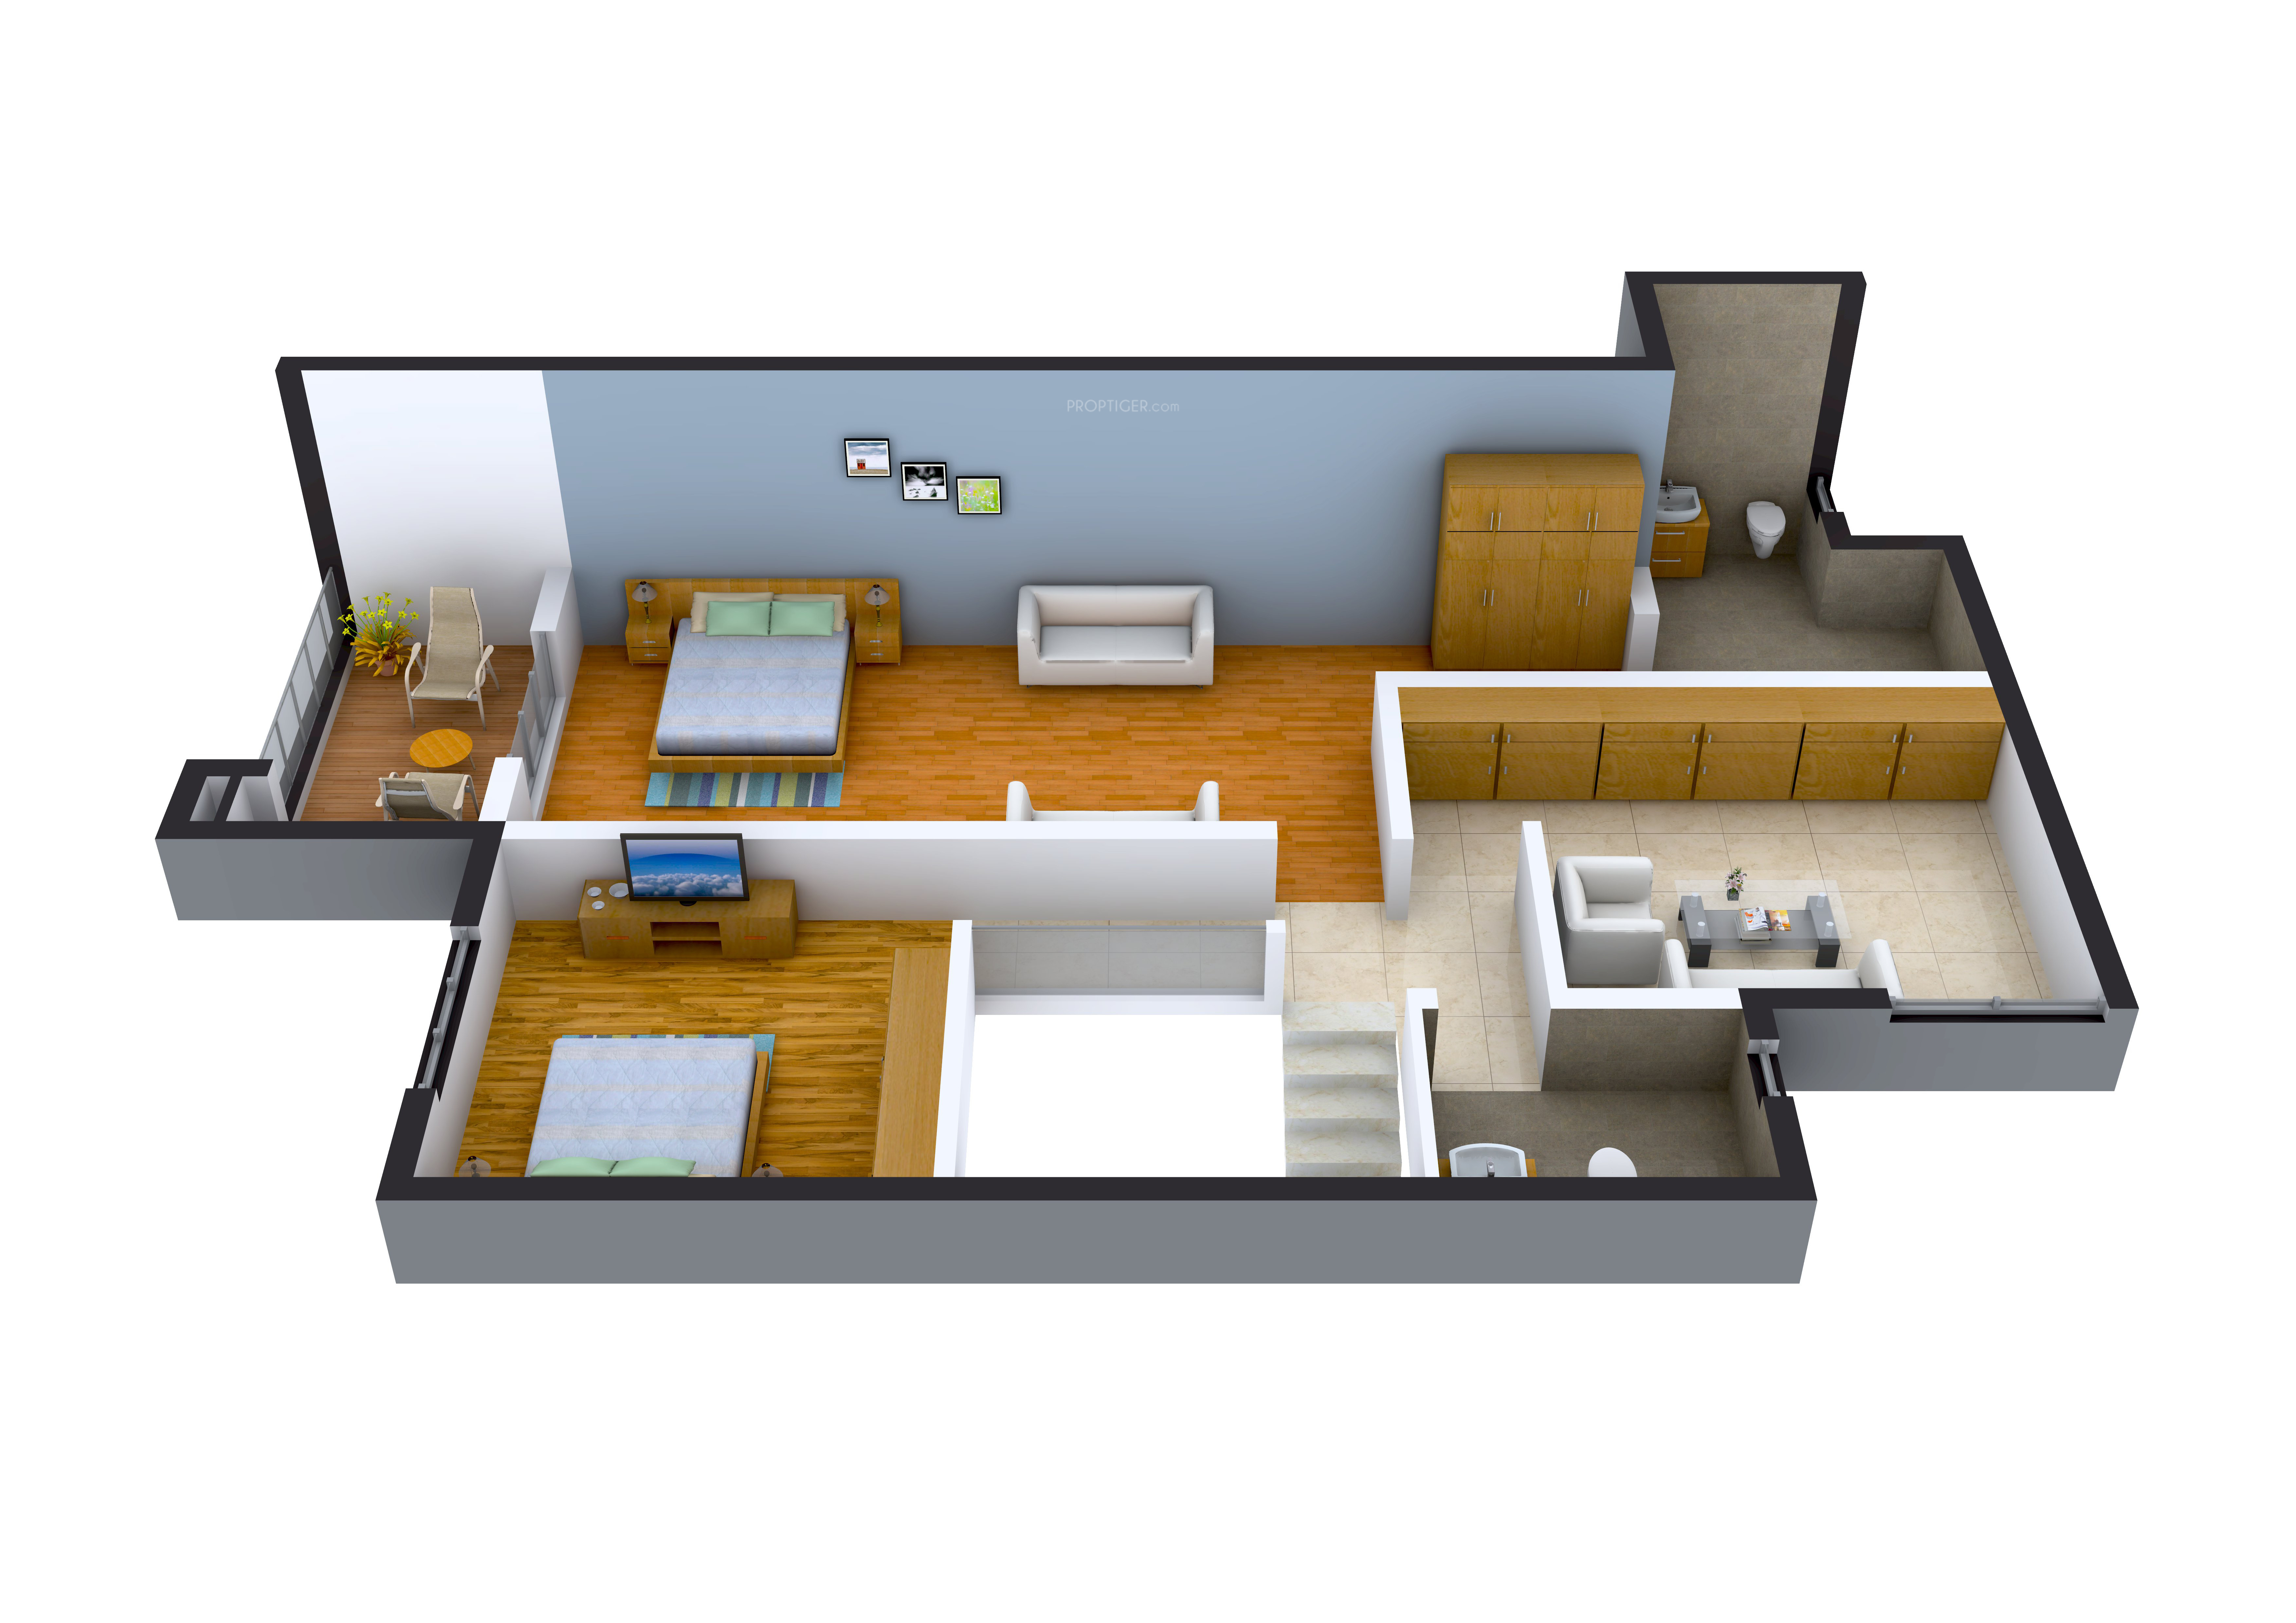 More Photos From Mr Price Home Design Quarter Contact Details. Source:  Im.proptiger.com ...